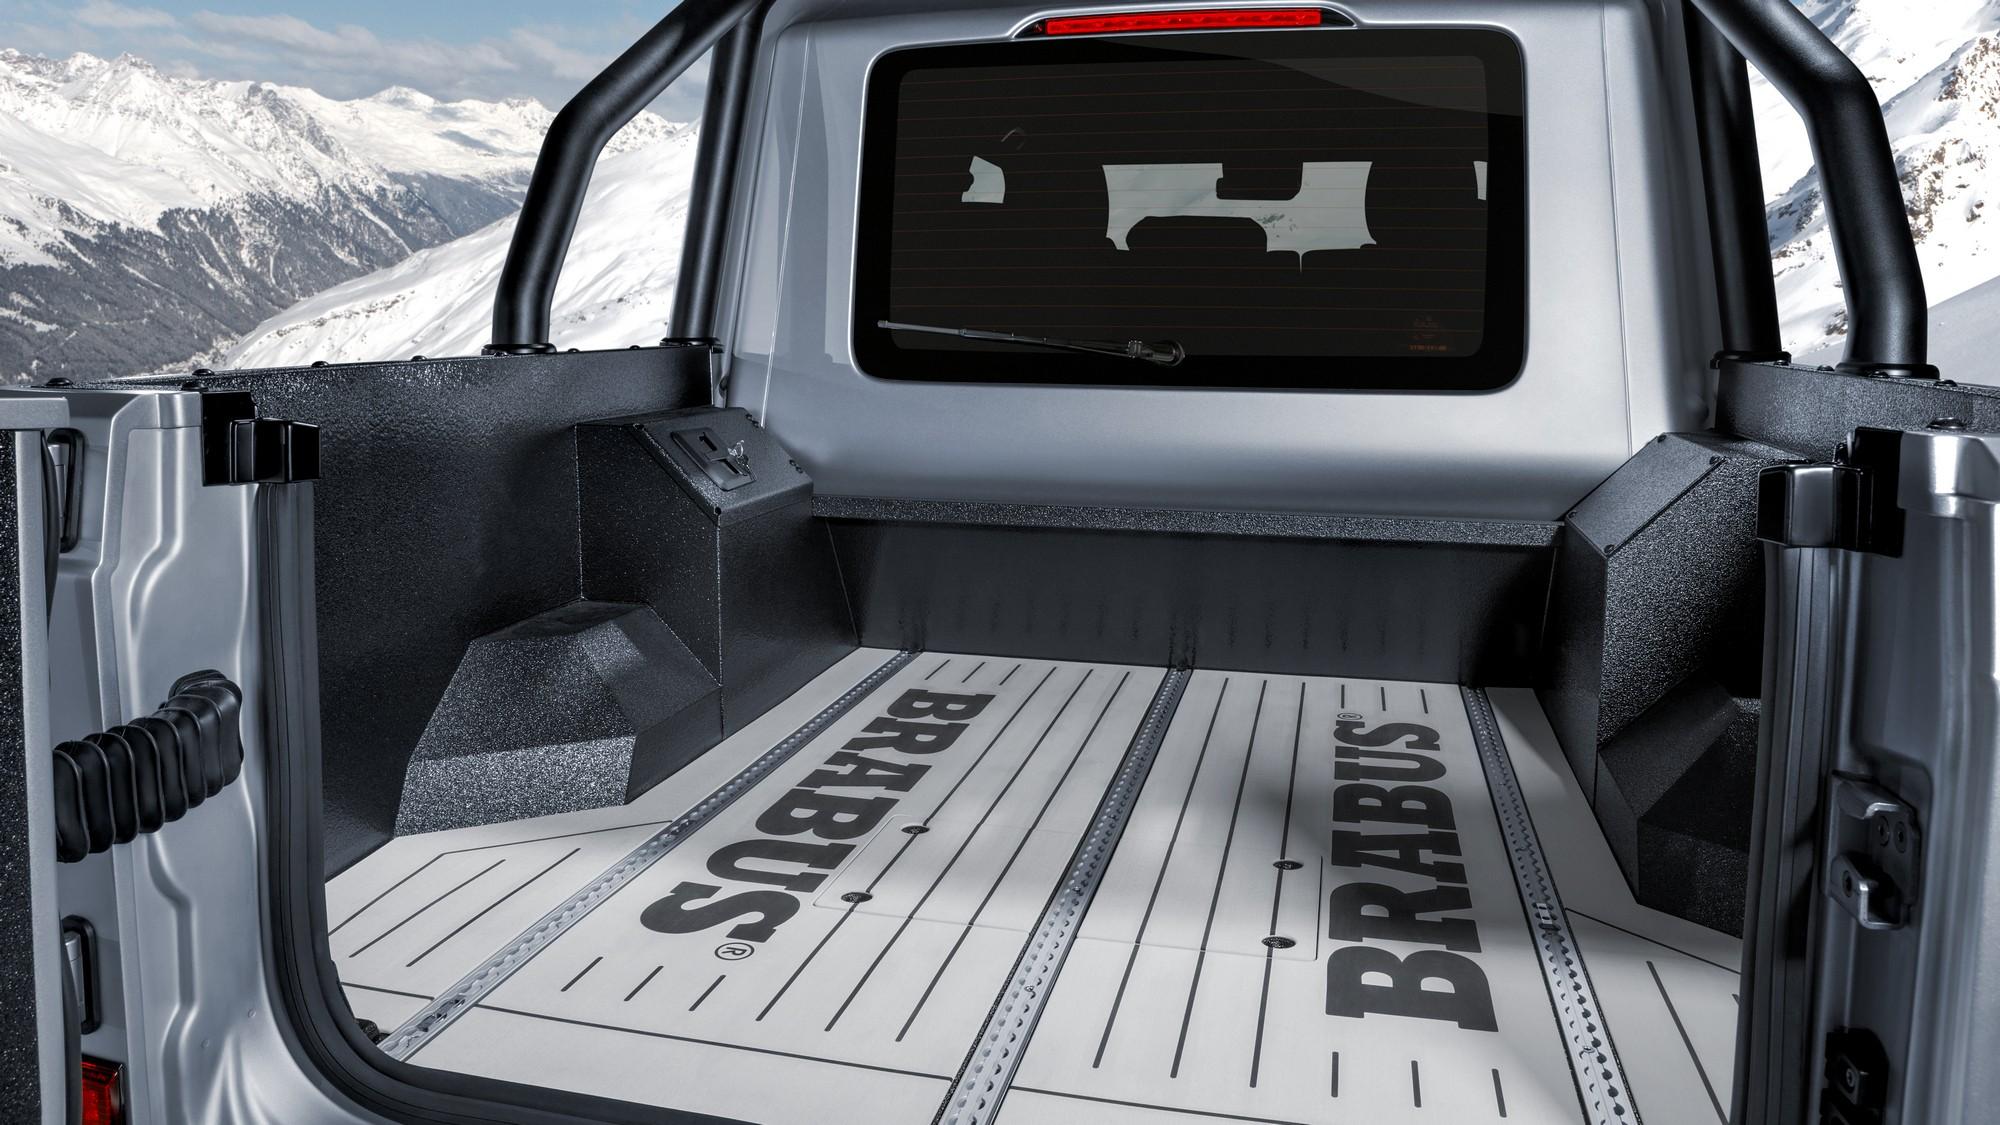 Brabus 800 Adventure XLP: пикап на базе нового «гелика» с 490-миллиметровым клиренсом